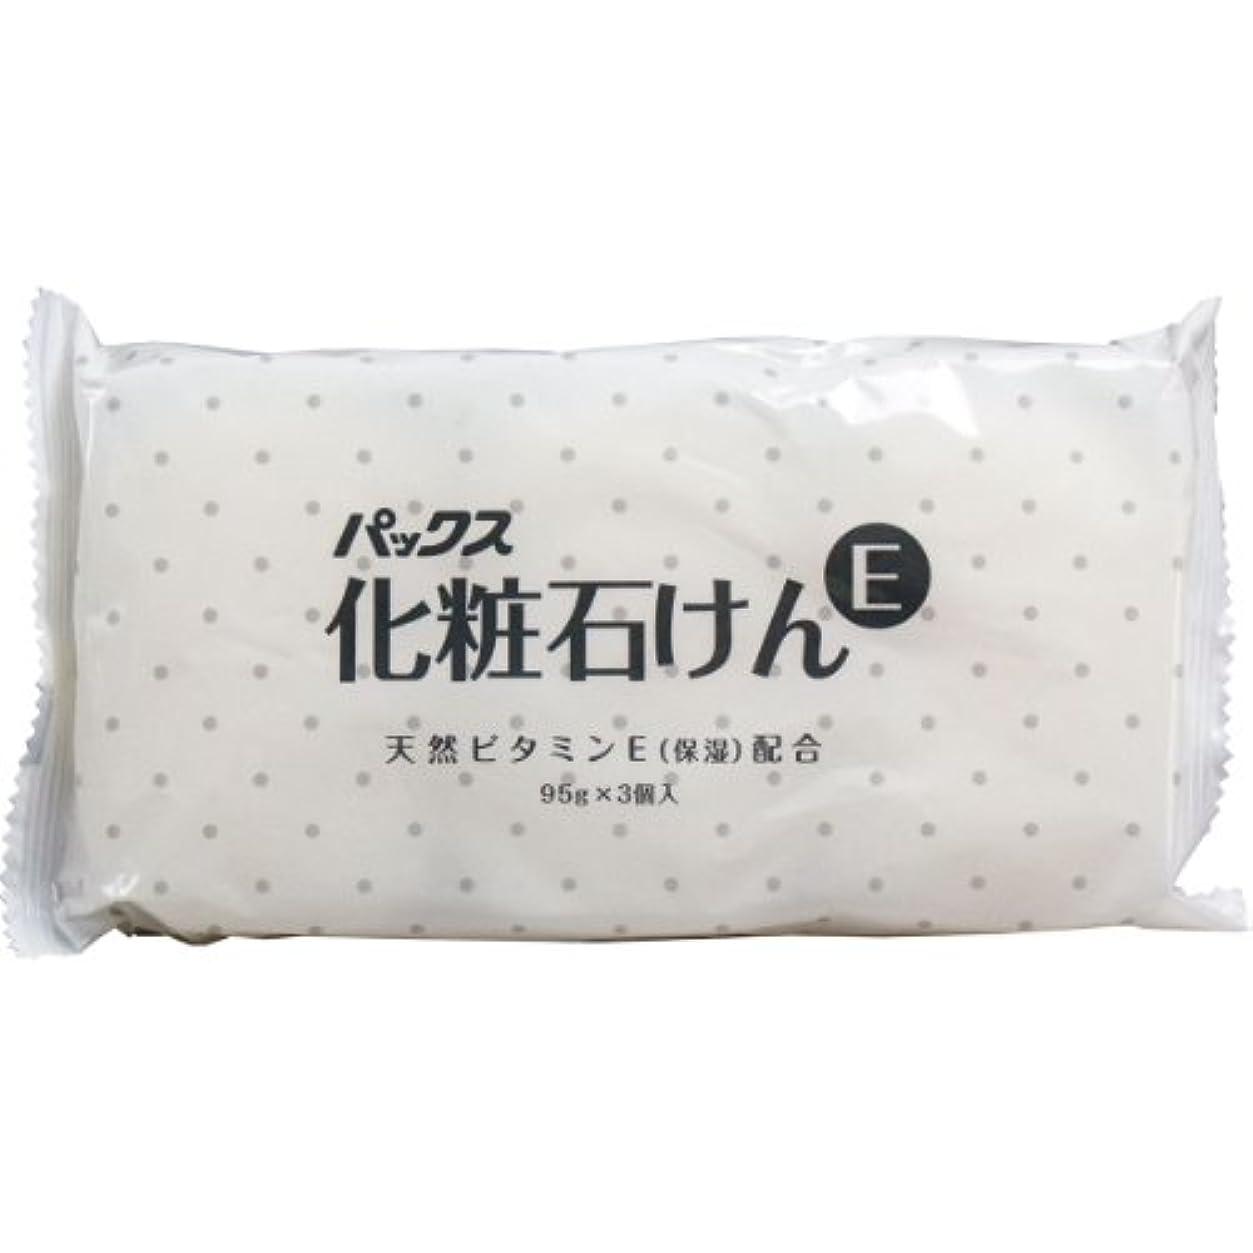 郵便屋さんパパ形式パックス化粧石けんE 95g×3